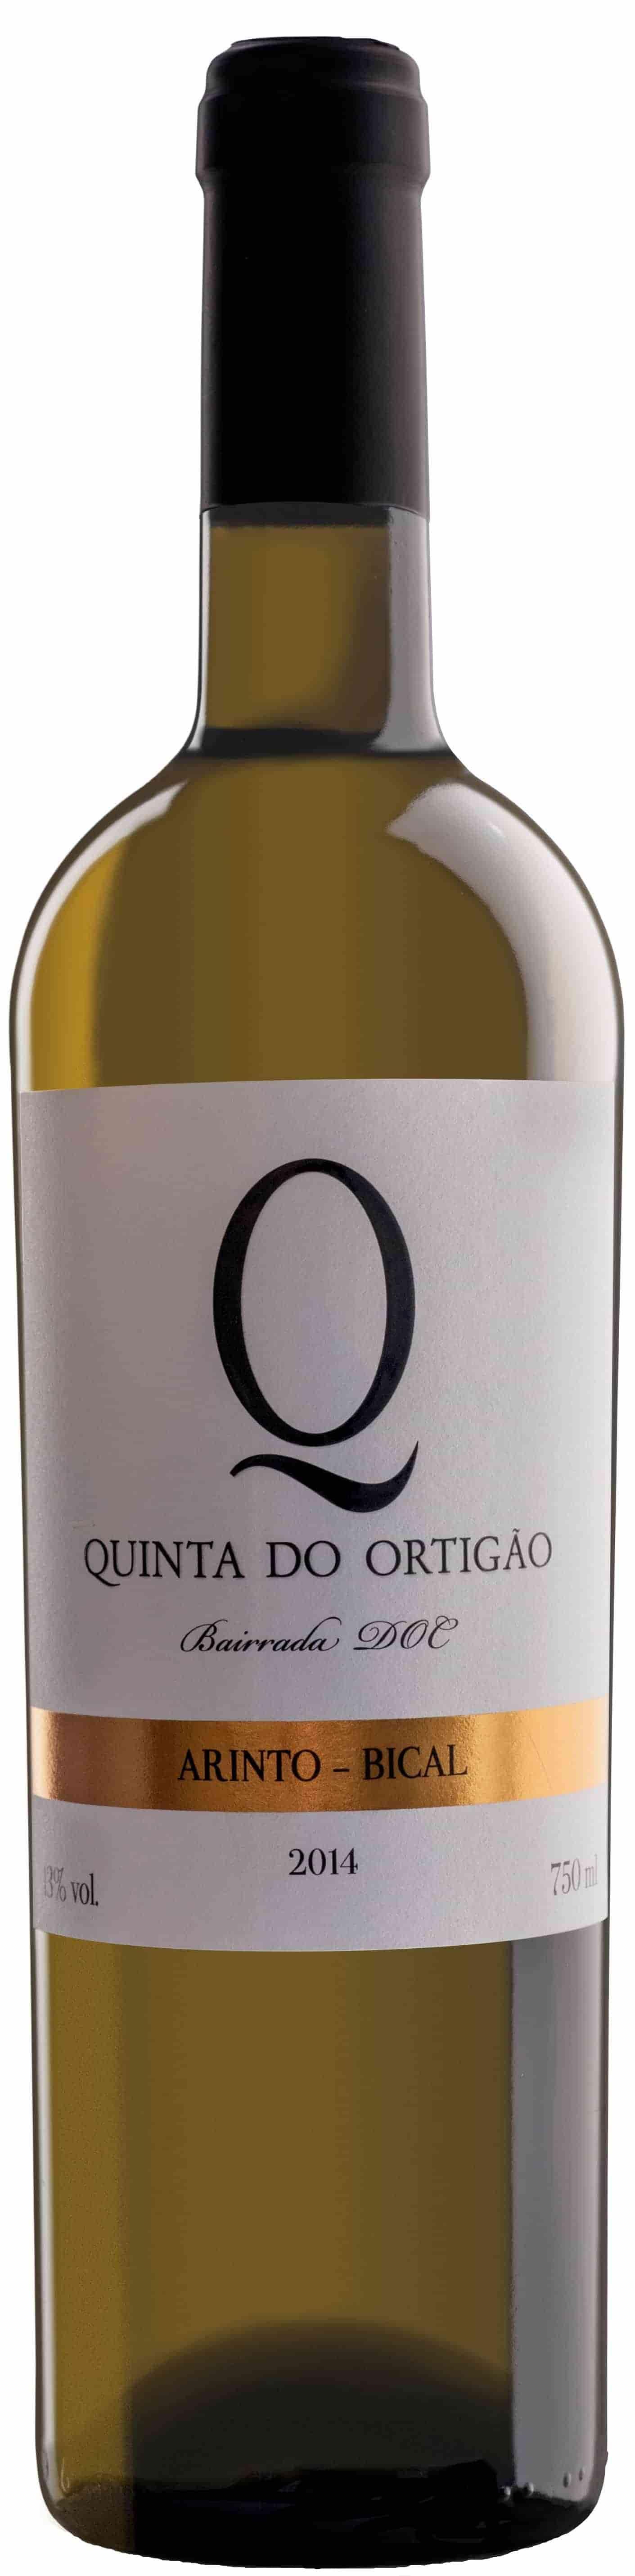 Quinta do Ortigão Arinto Bical